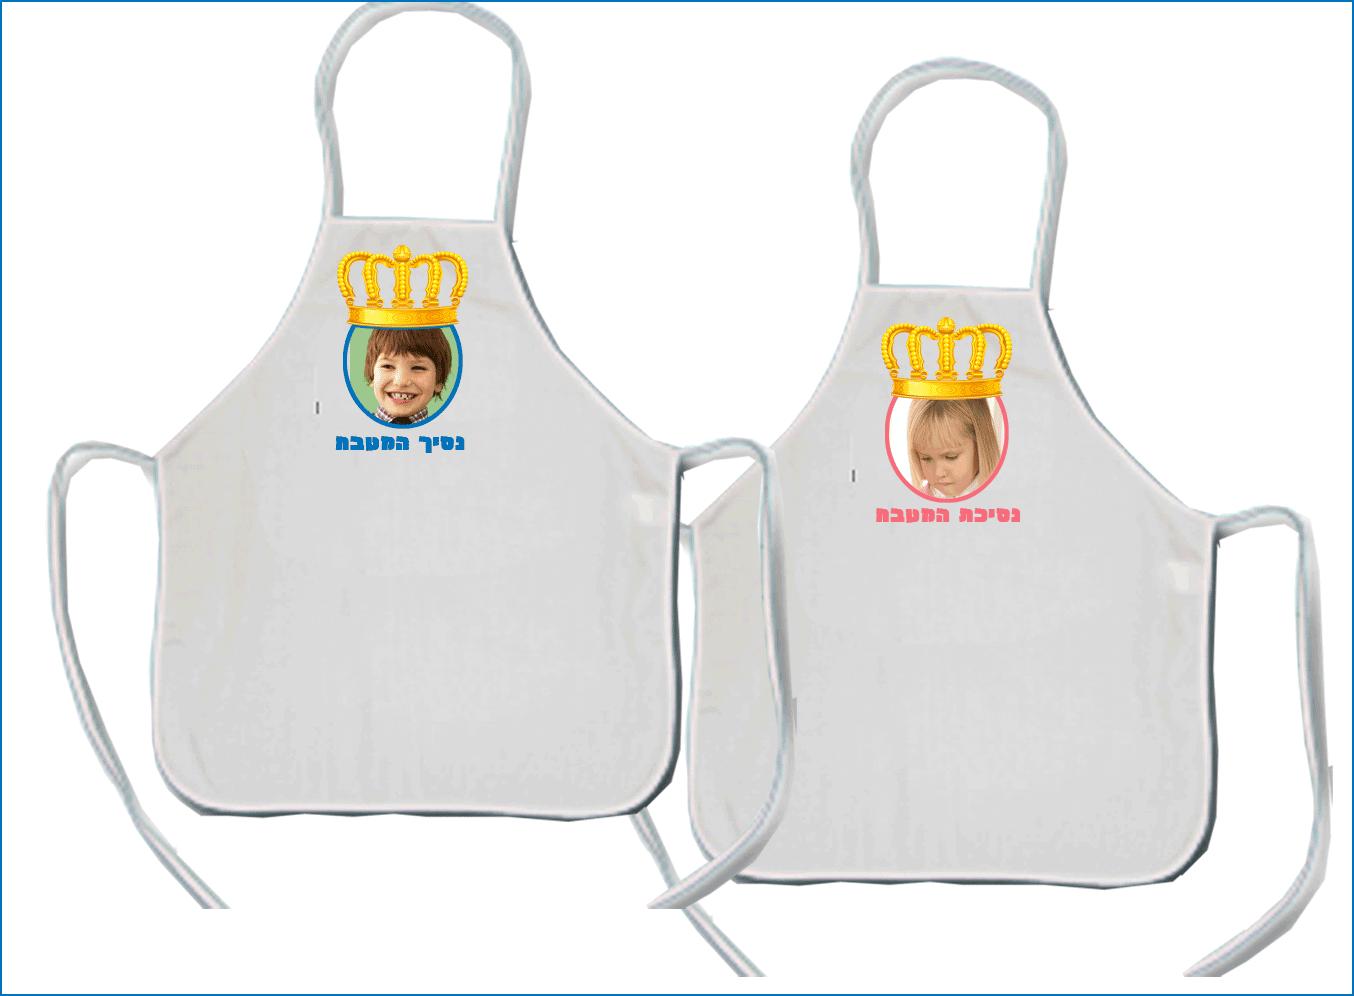 הדפסה על סינרים לילדים לפסח, דגם: נסיכי המטבח